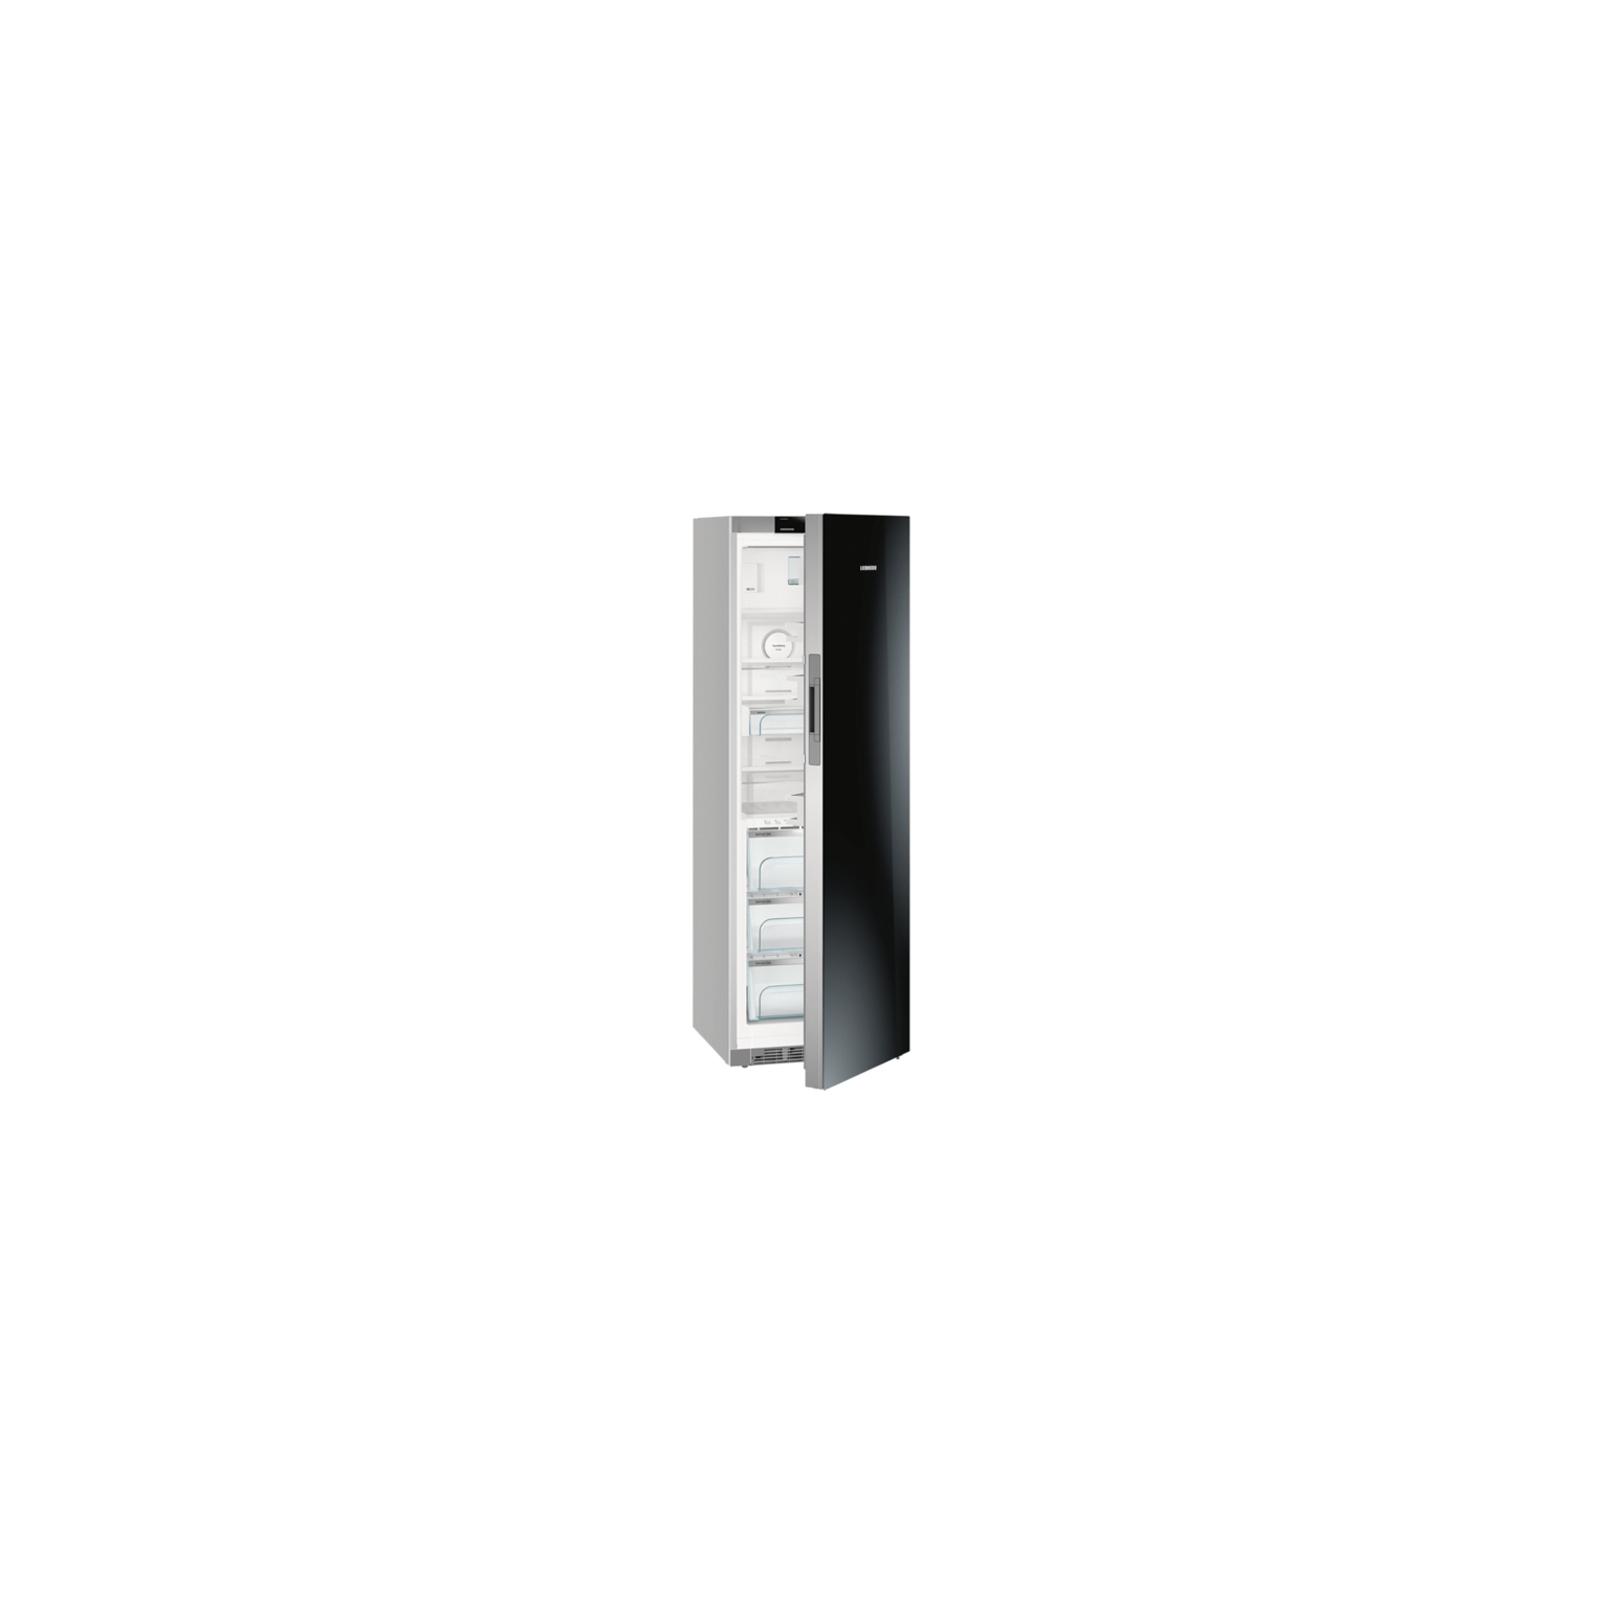 Холодильник Liebherr KBPgb 4354 изображение 2